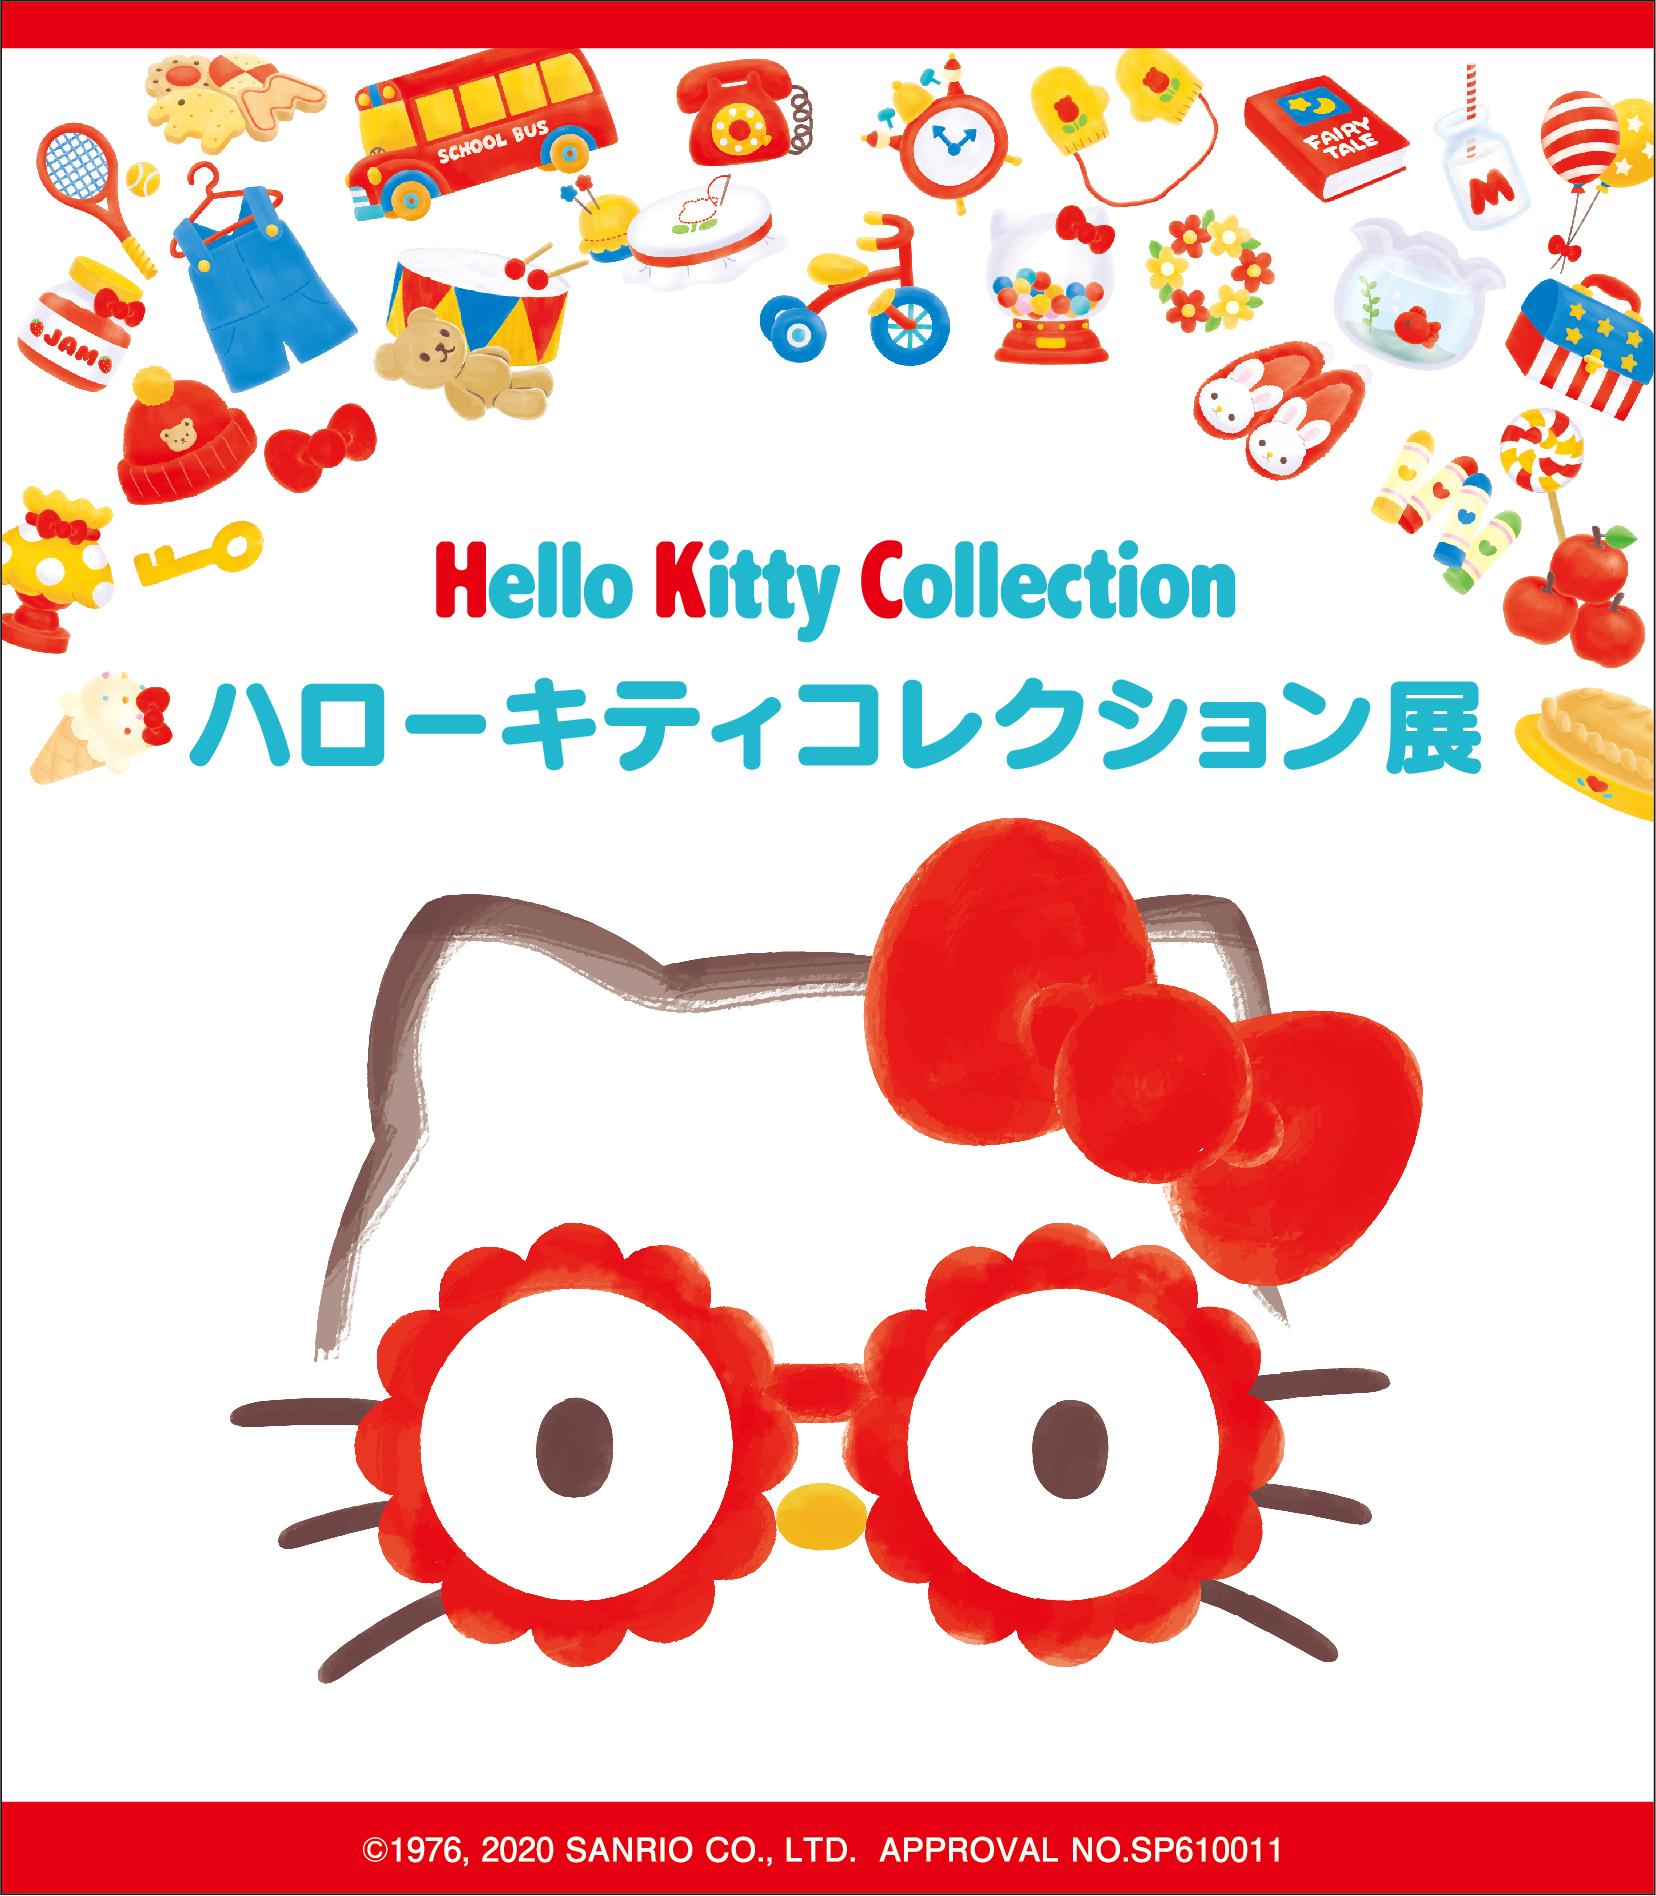 『サンリオ』ハローキティコレクション展が京都で開催!グッズの年代順展示やフォトスポットが登場